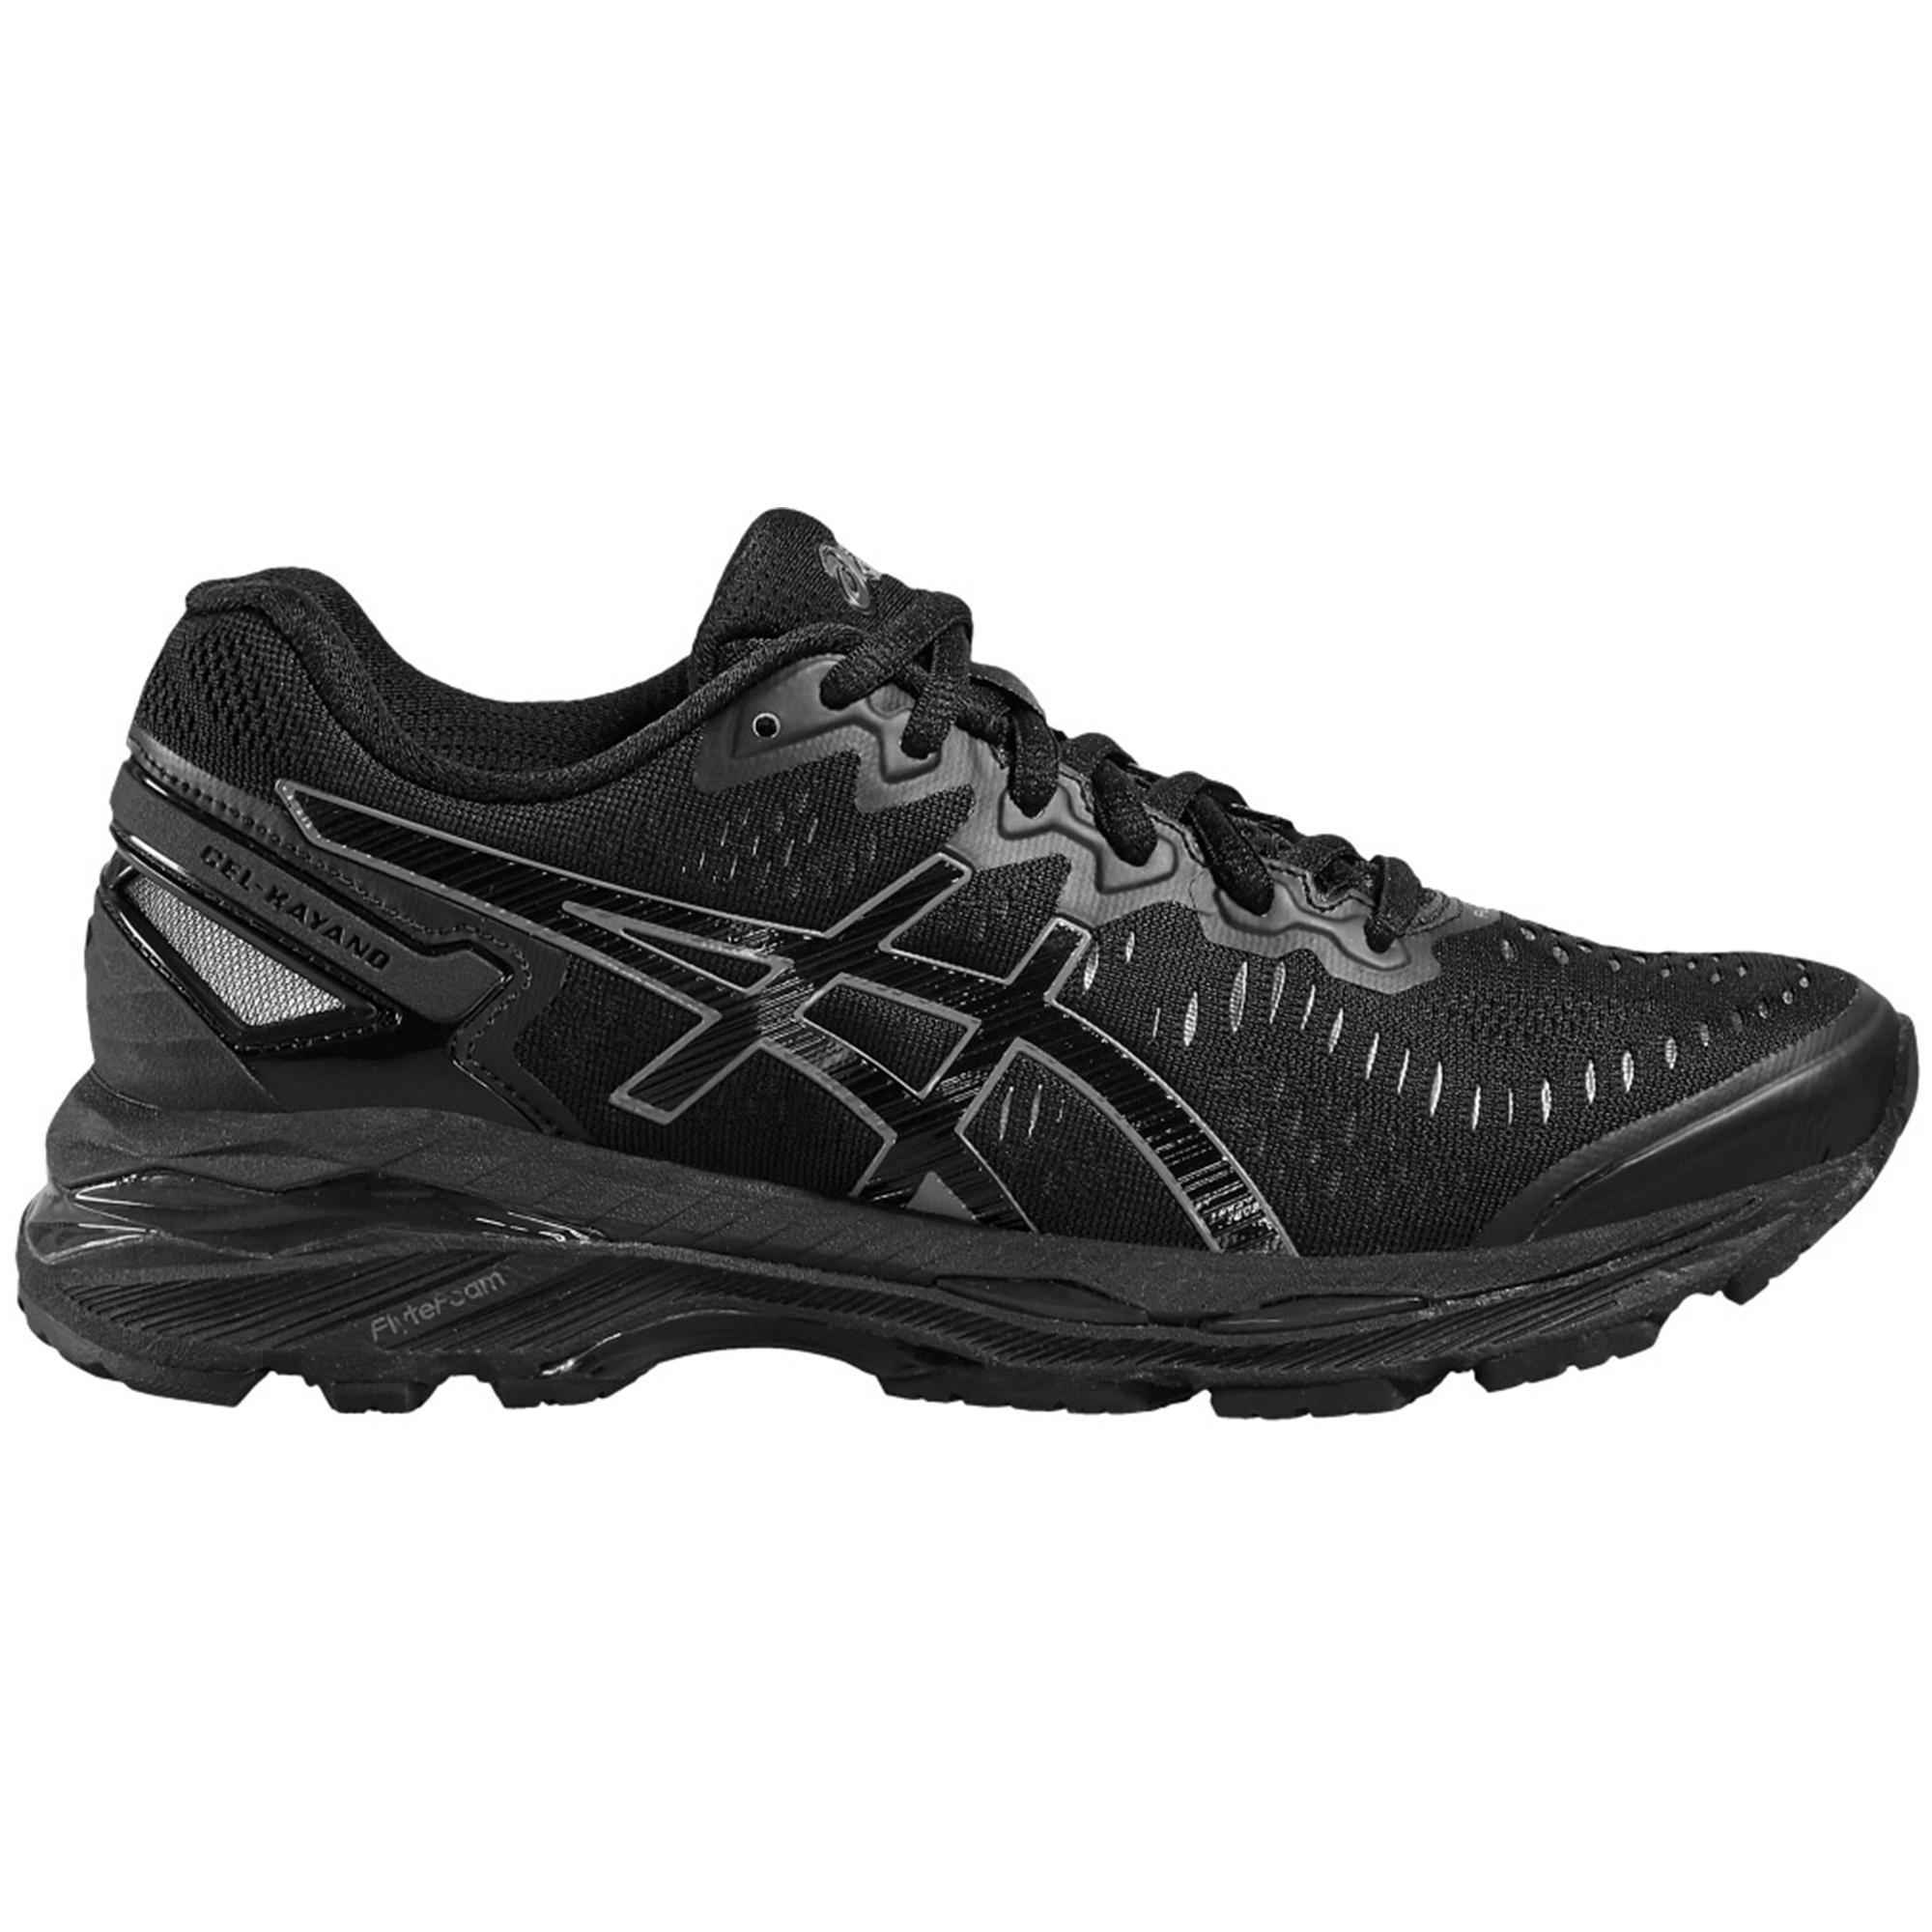 Asics Womens GEL-Kayano 23 Running Shoes - Black ...